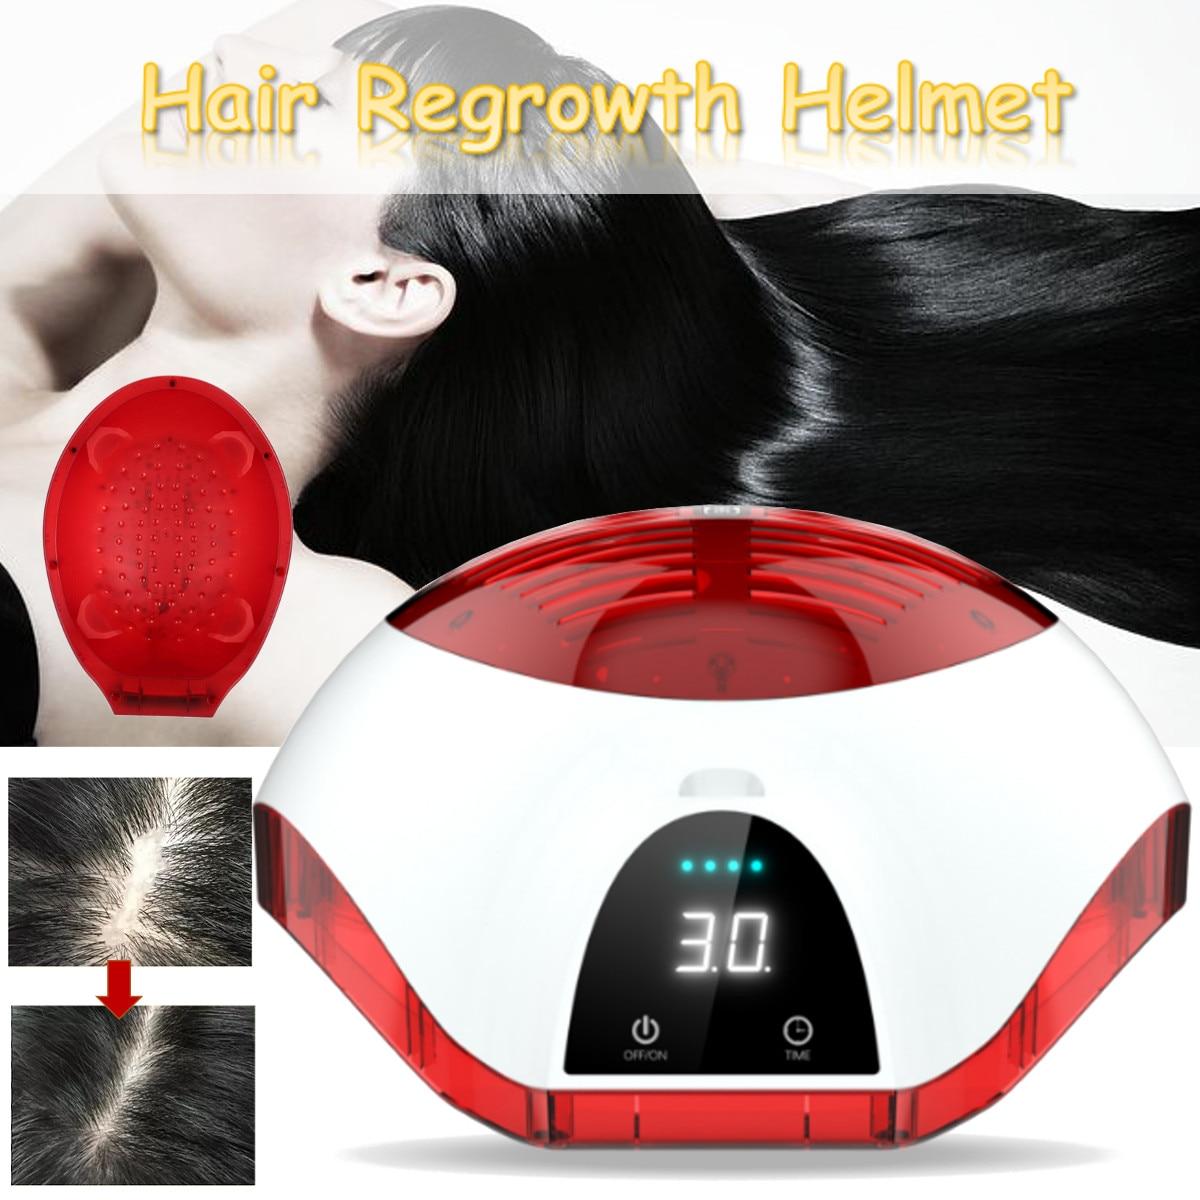 Affichage LCD thérapie Laser casque de croissance des cheveux Anti perte de cheveux dispositif de traitement Anti perte de cheveux promouvoir la repousse des cheveux chapeau Massage